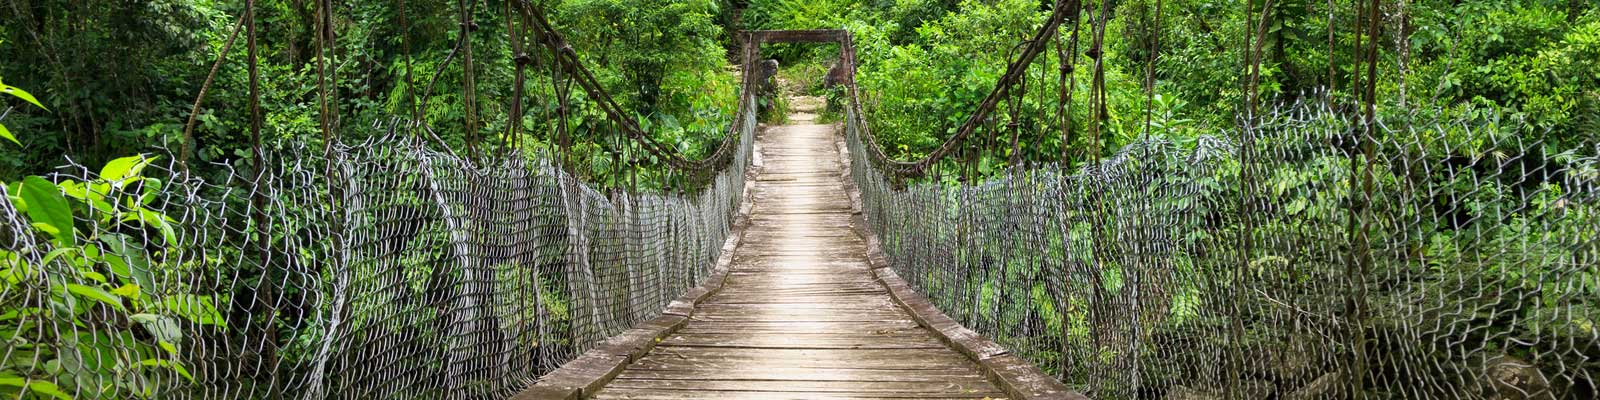 Ecuador Immobili - Case vacanza, immobili di prestigio, immobili sulla spiaggia - Investimenti di valore